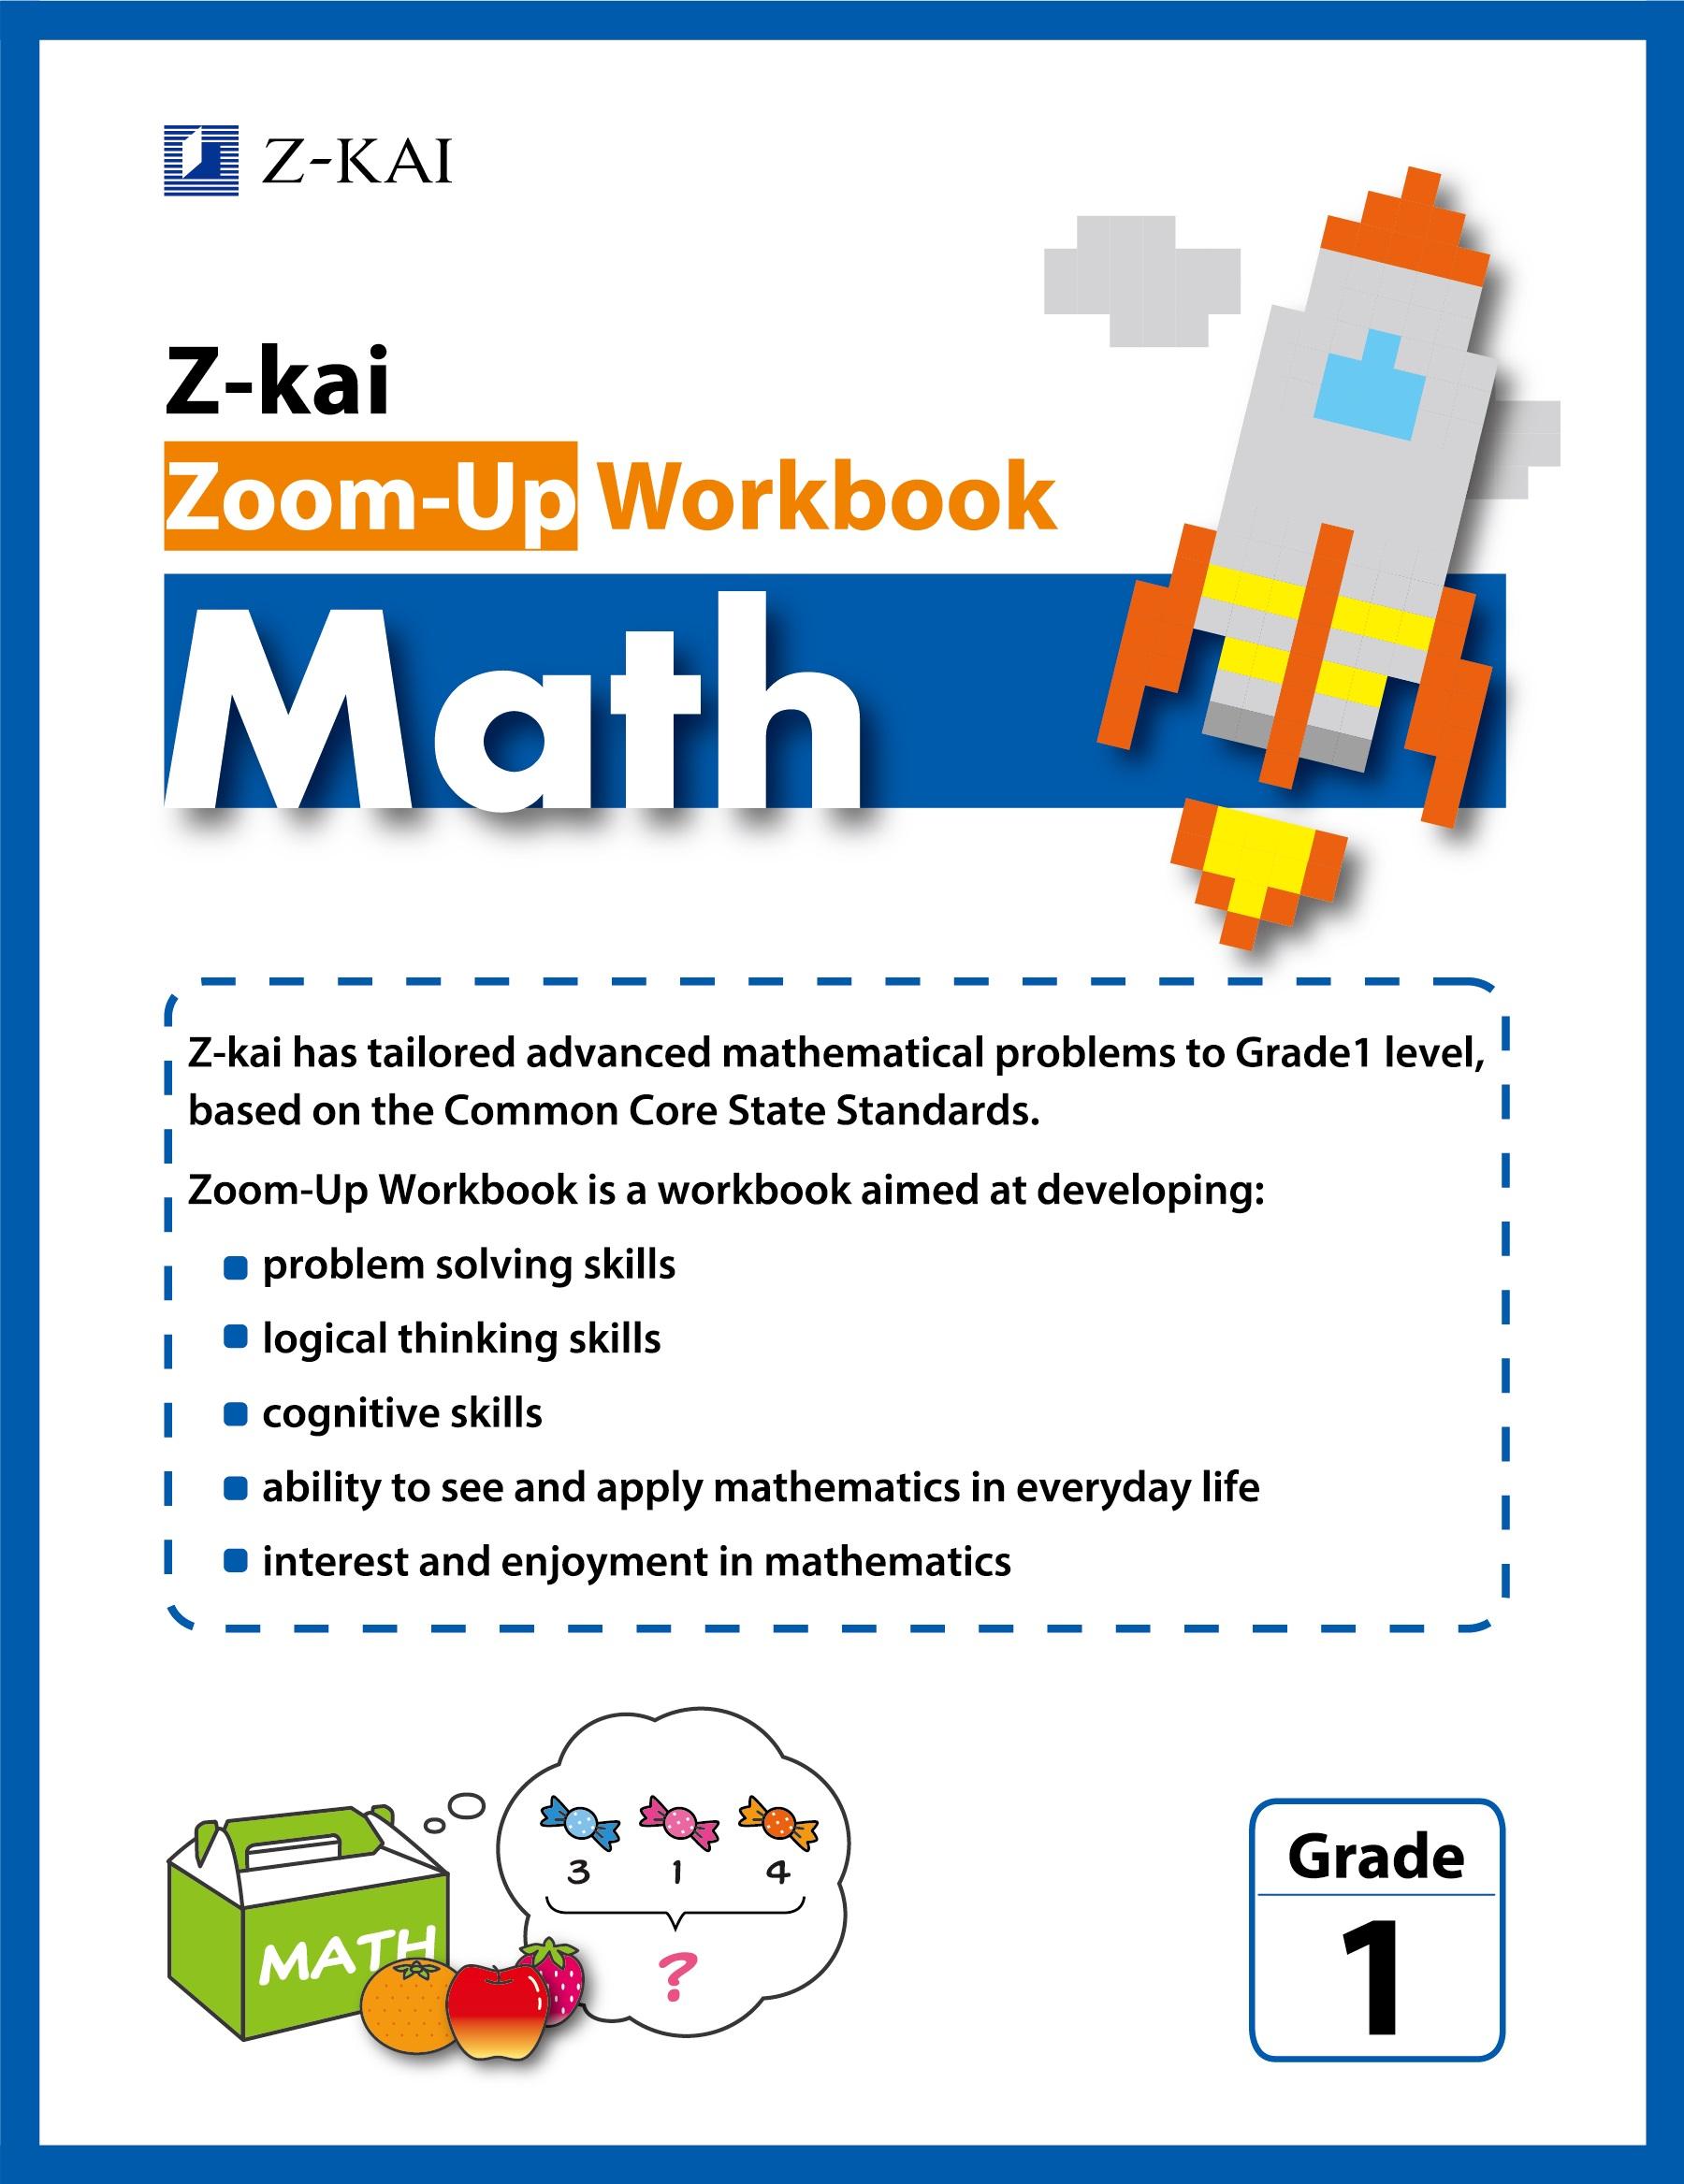 Z-kai Zoom-Up Workbook Math Grade 1